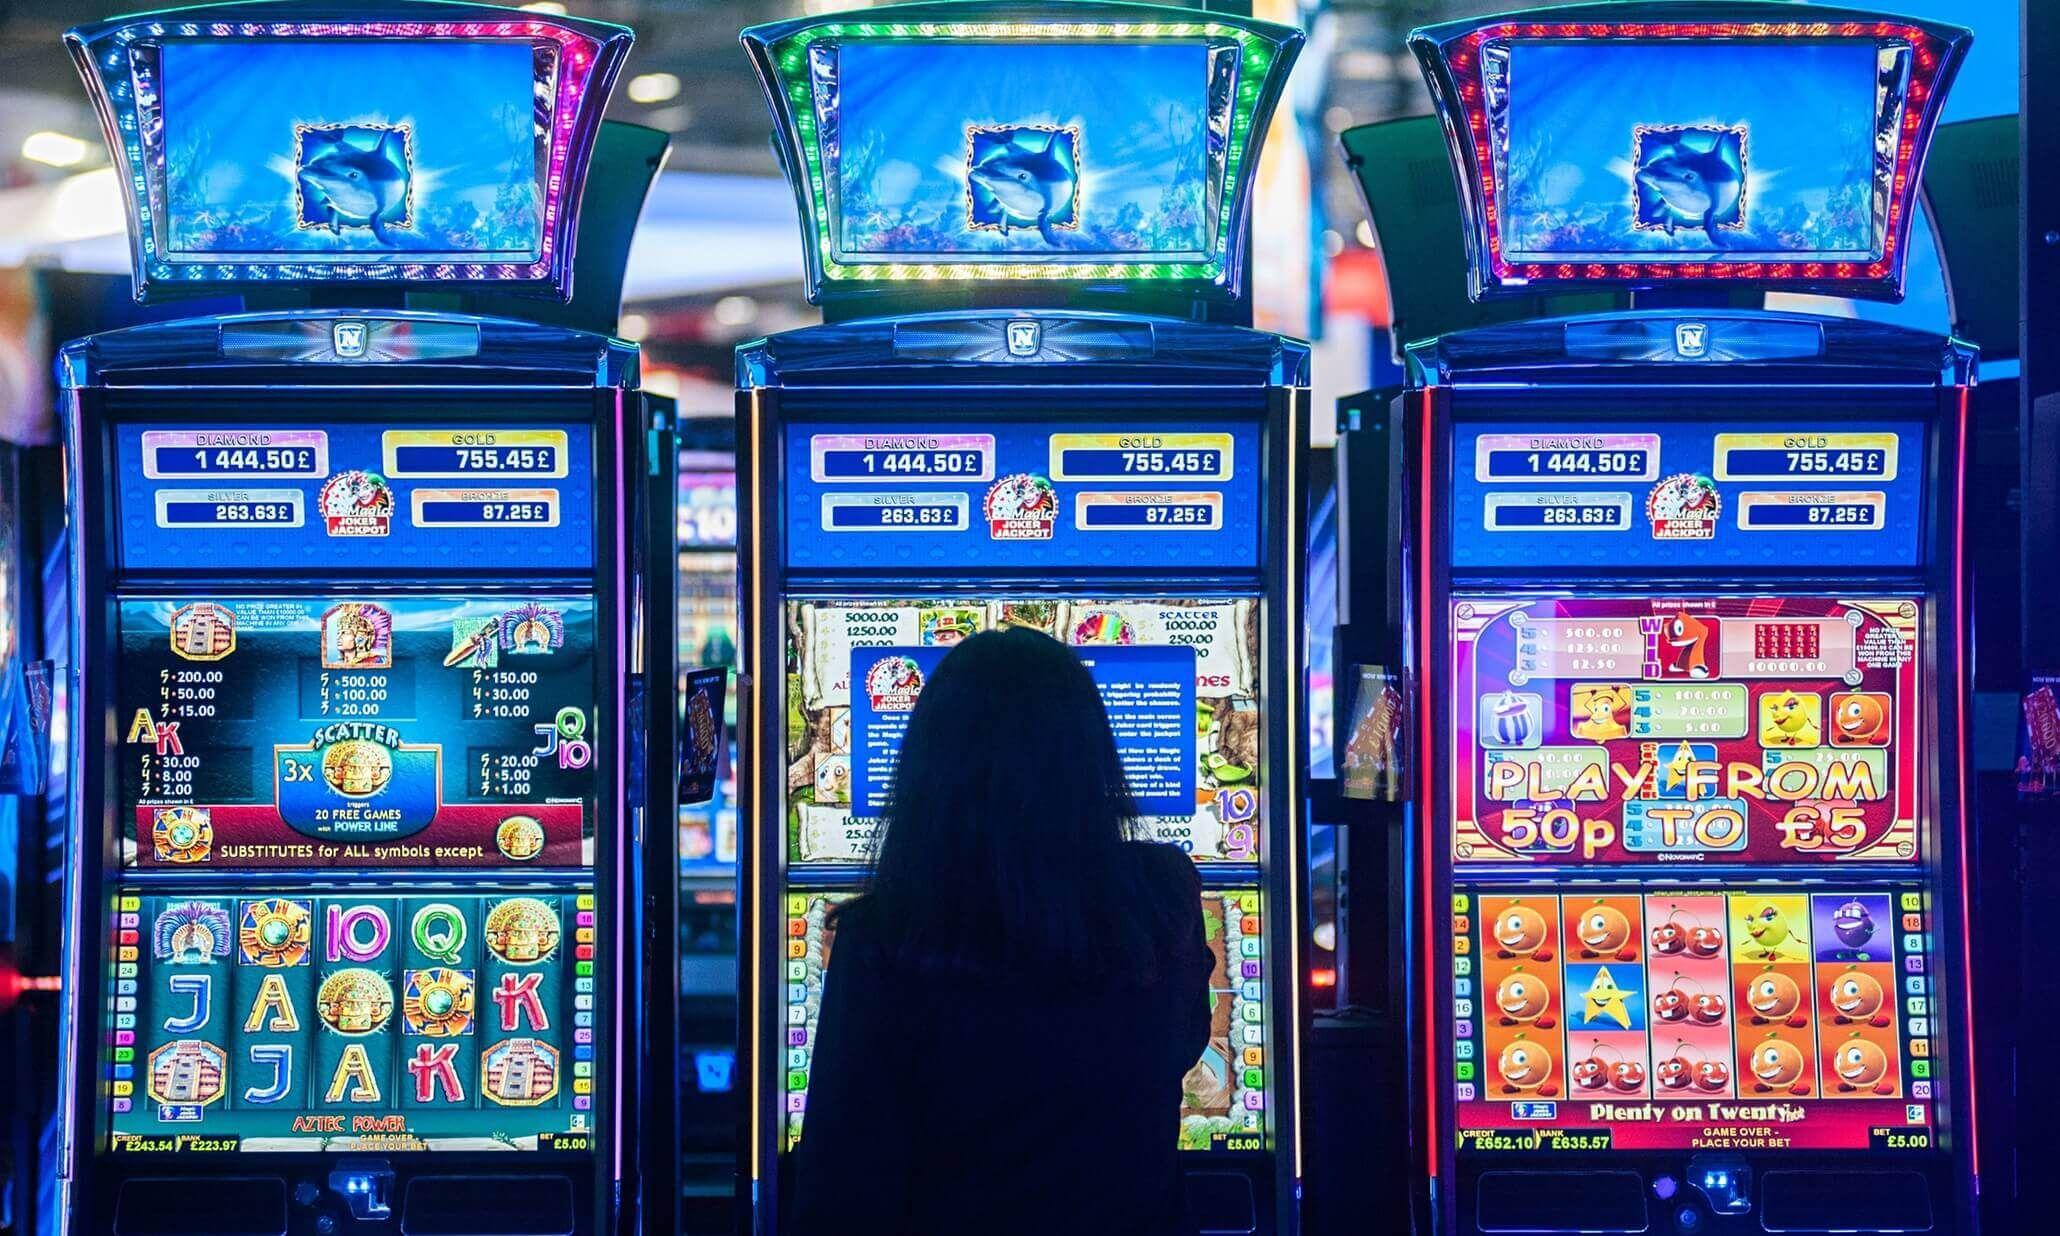 Играть в онлайн игровые автоматы бесплатно слоты играть в фараон игровые автоматы играть бесплатно